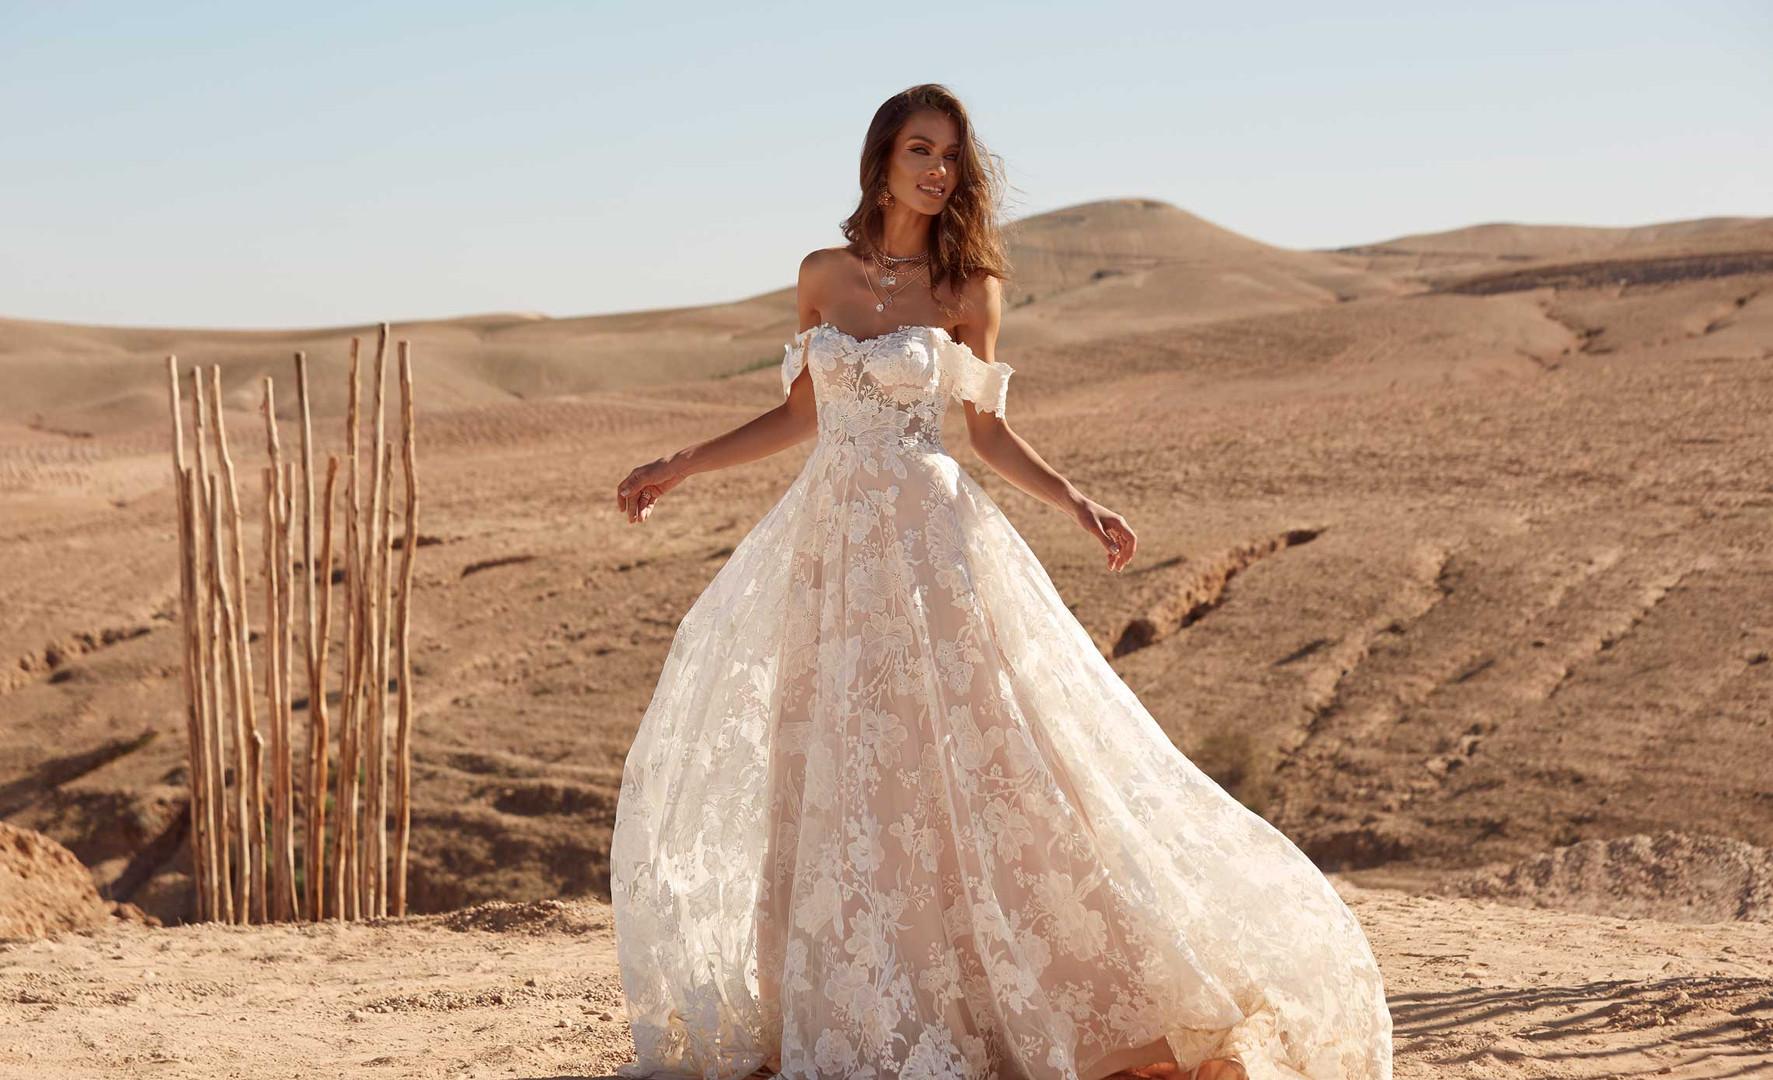 Amelie Pretty White Dress Madi Lane Land